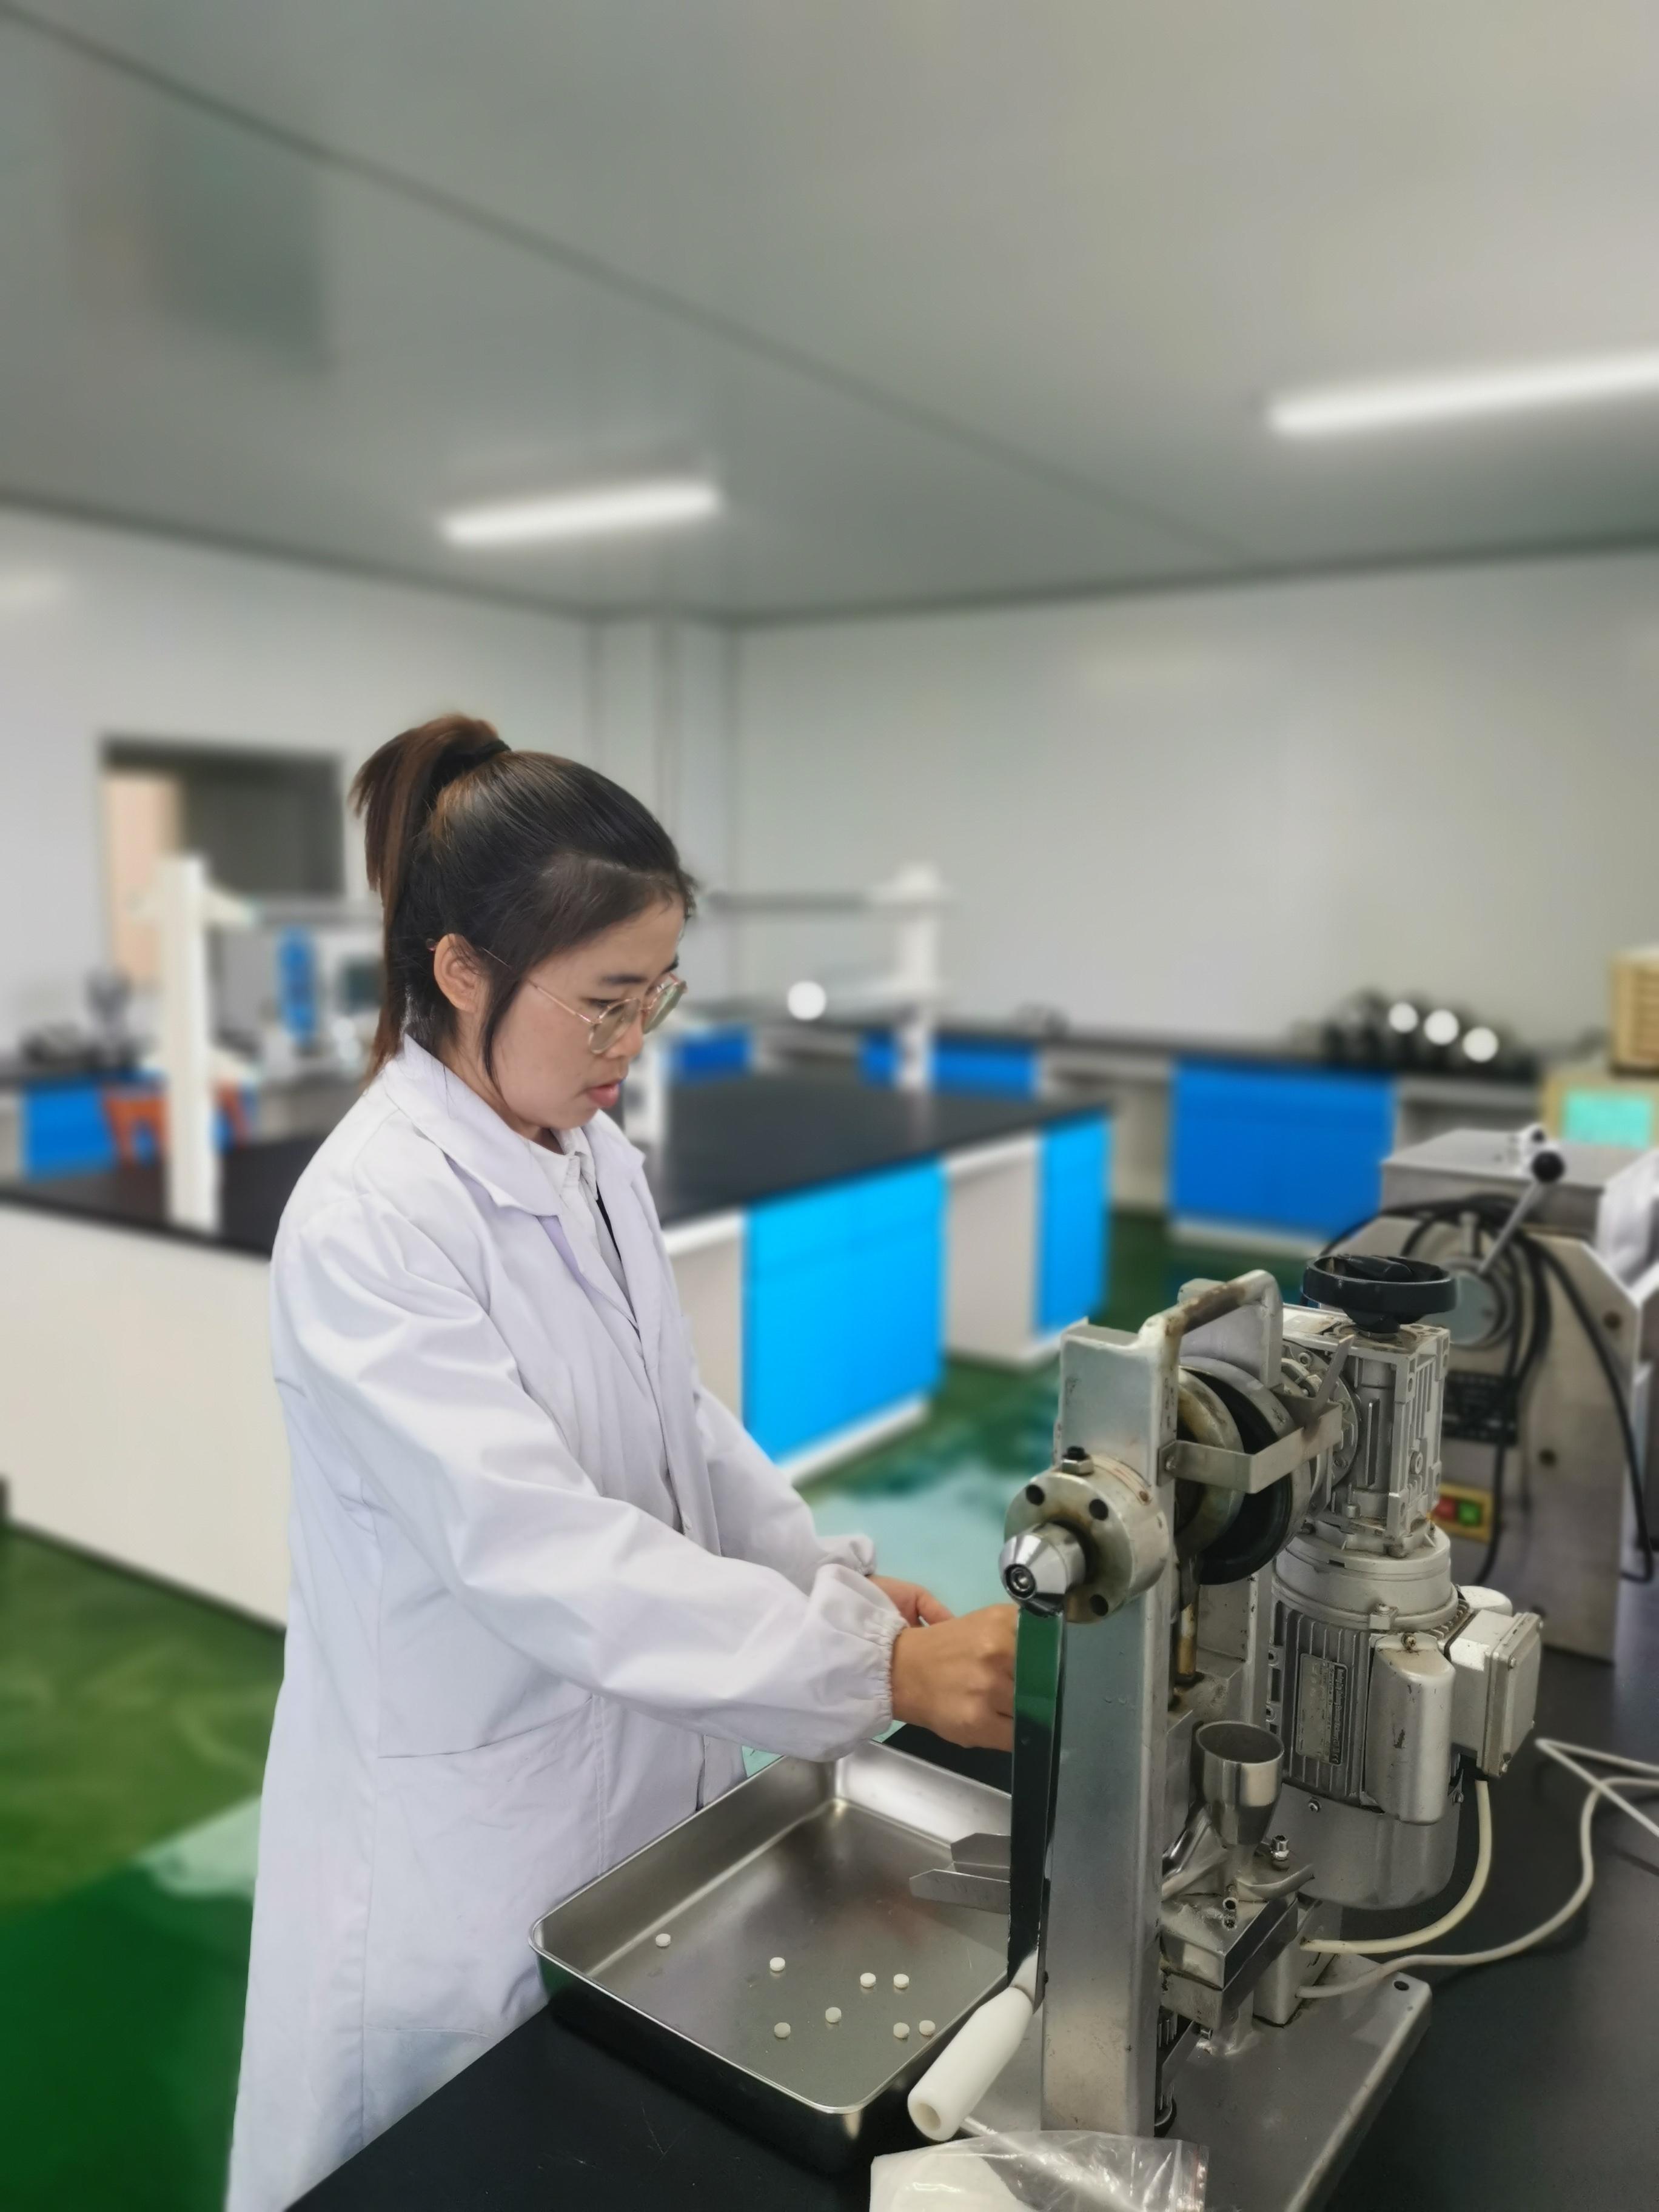 【擔當實干】維萊營健集團技術中心副主任闕素云獲評市級勞動模范